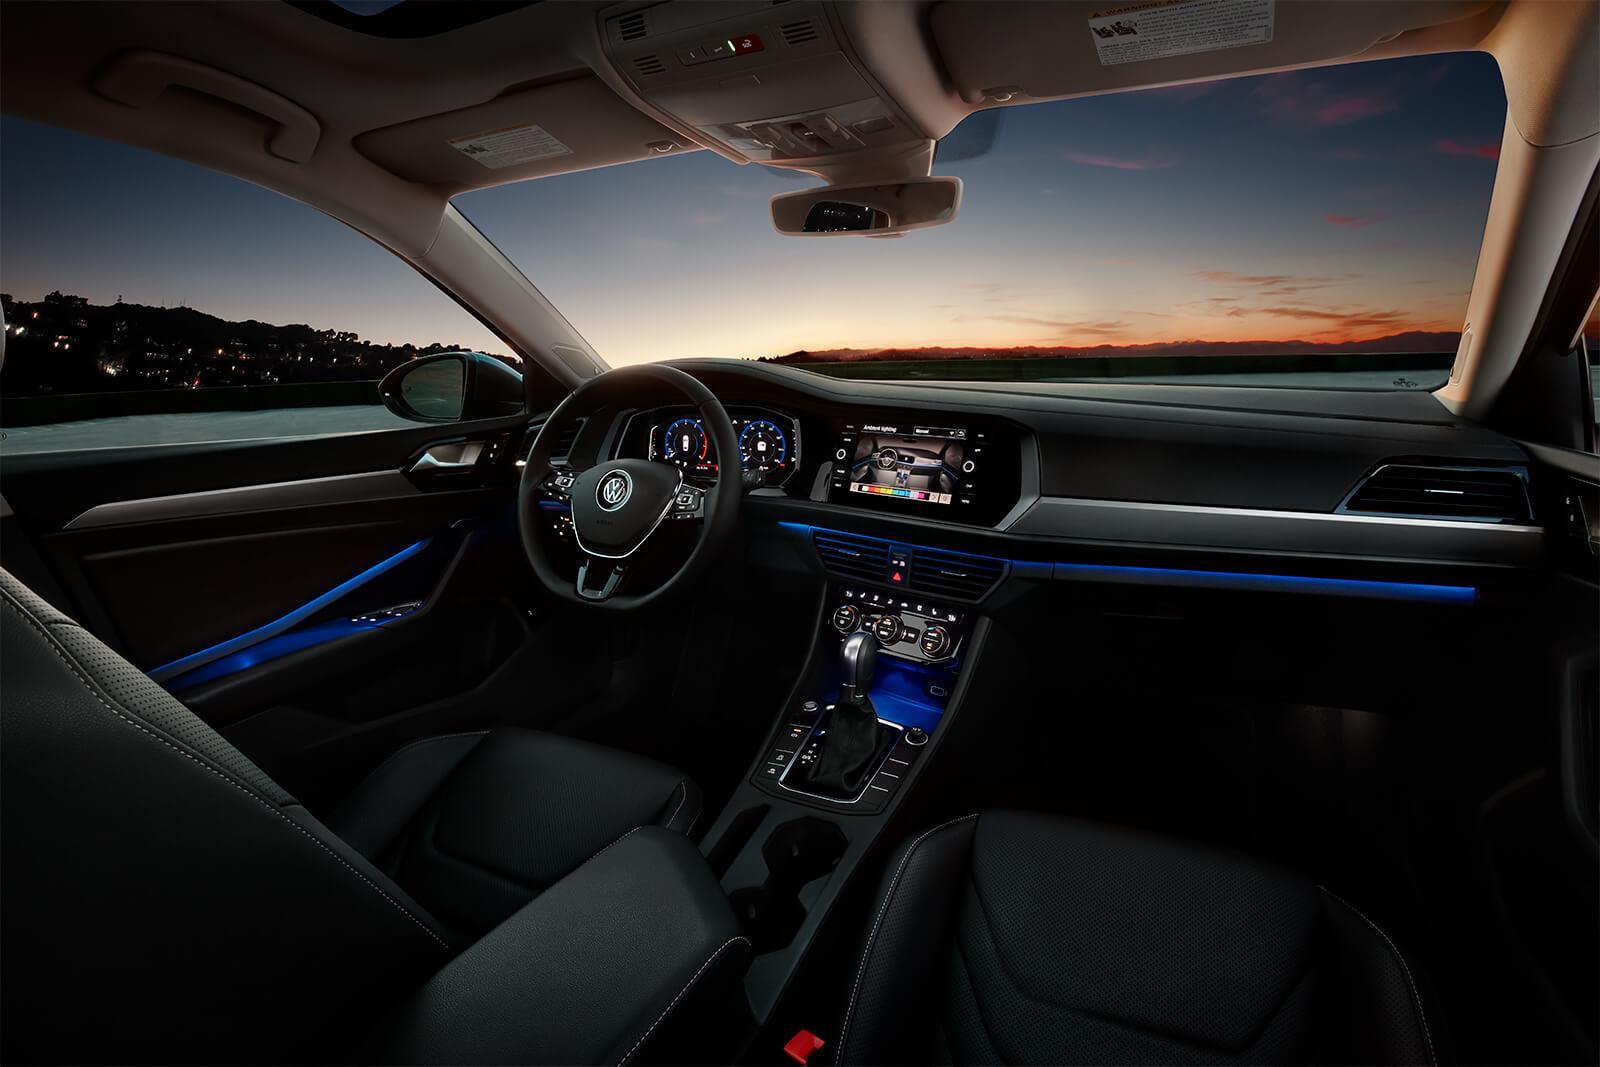 El interior del Jetta 2019 es sencillo y moderno